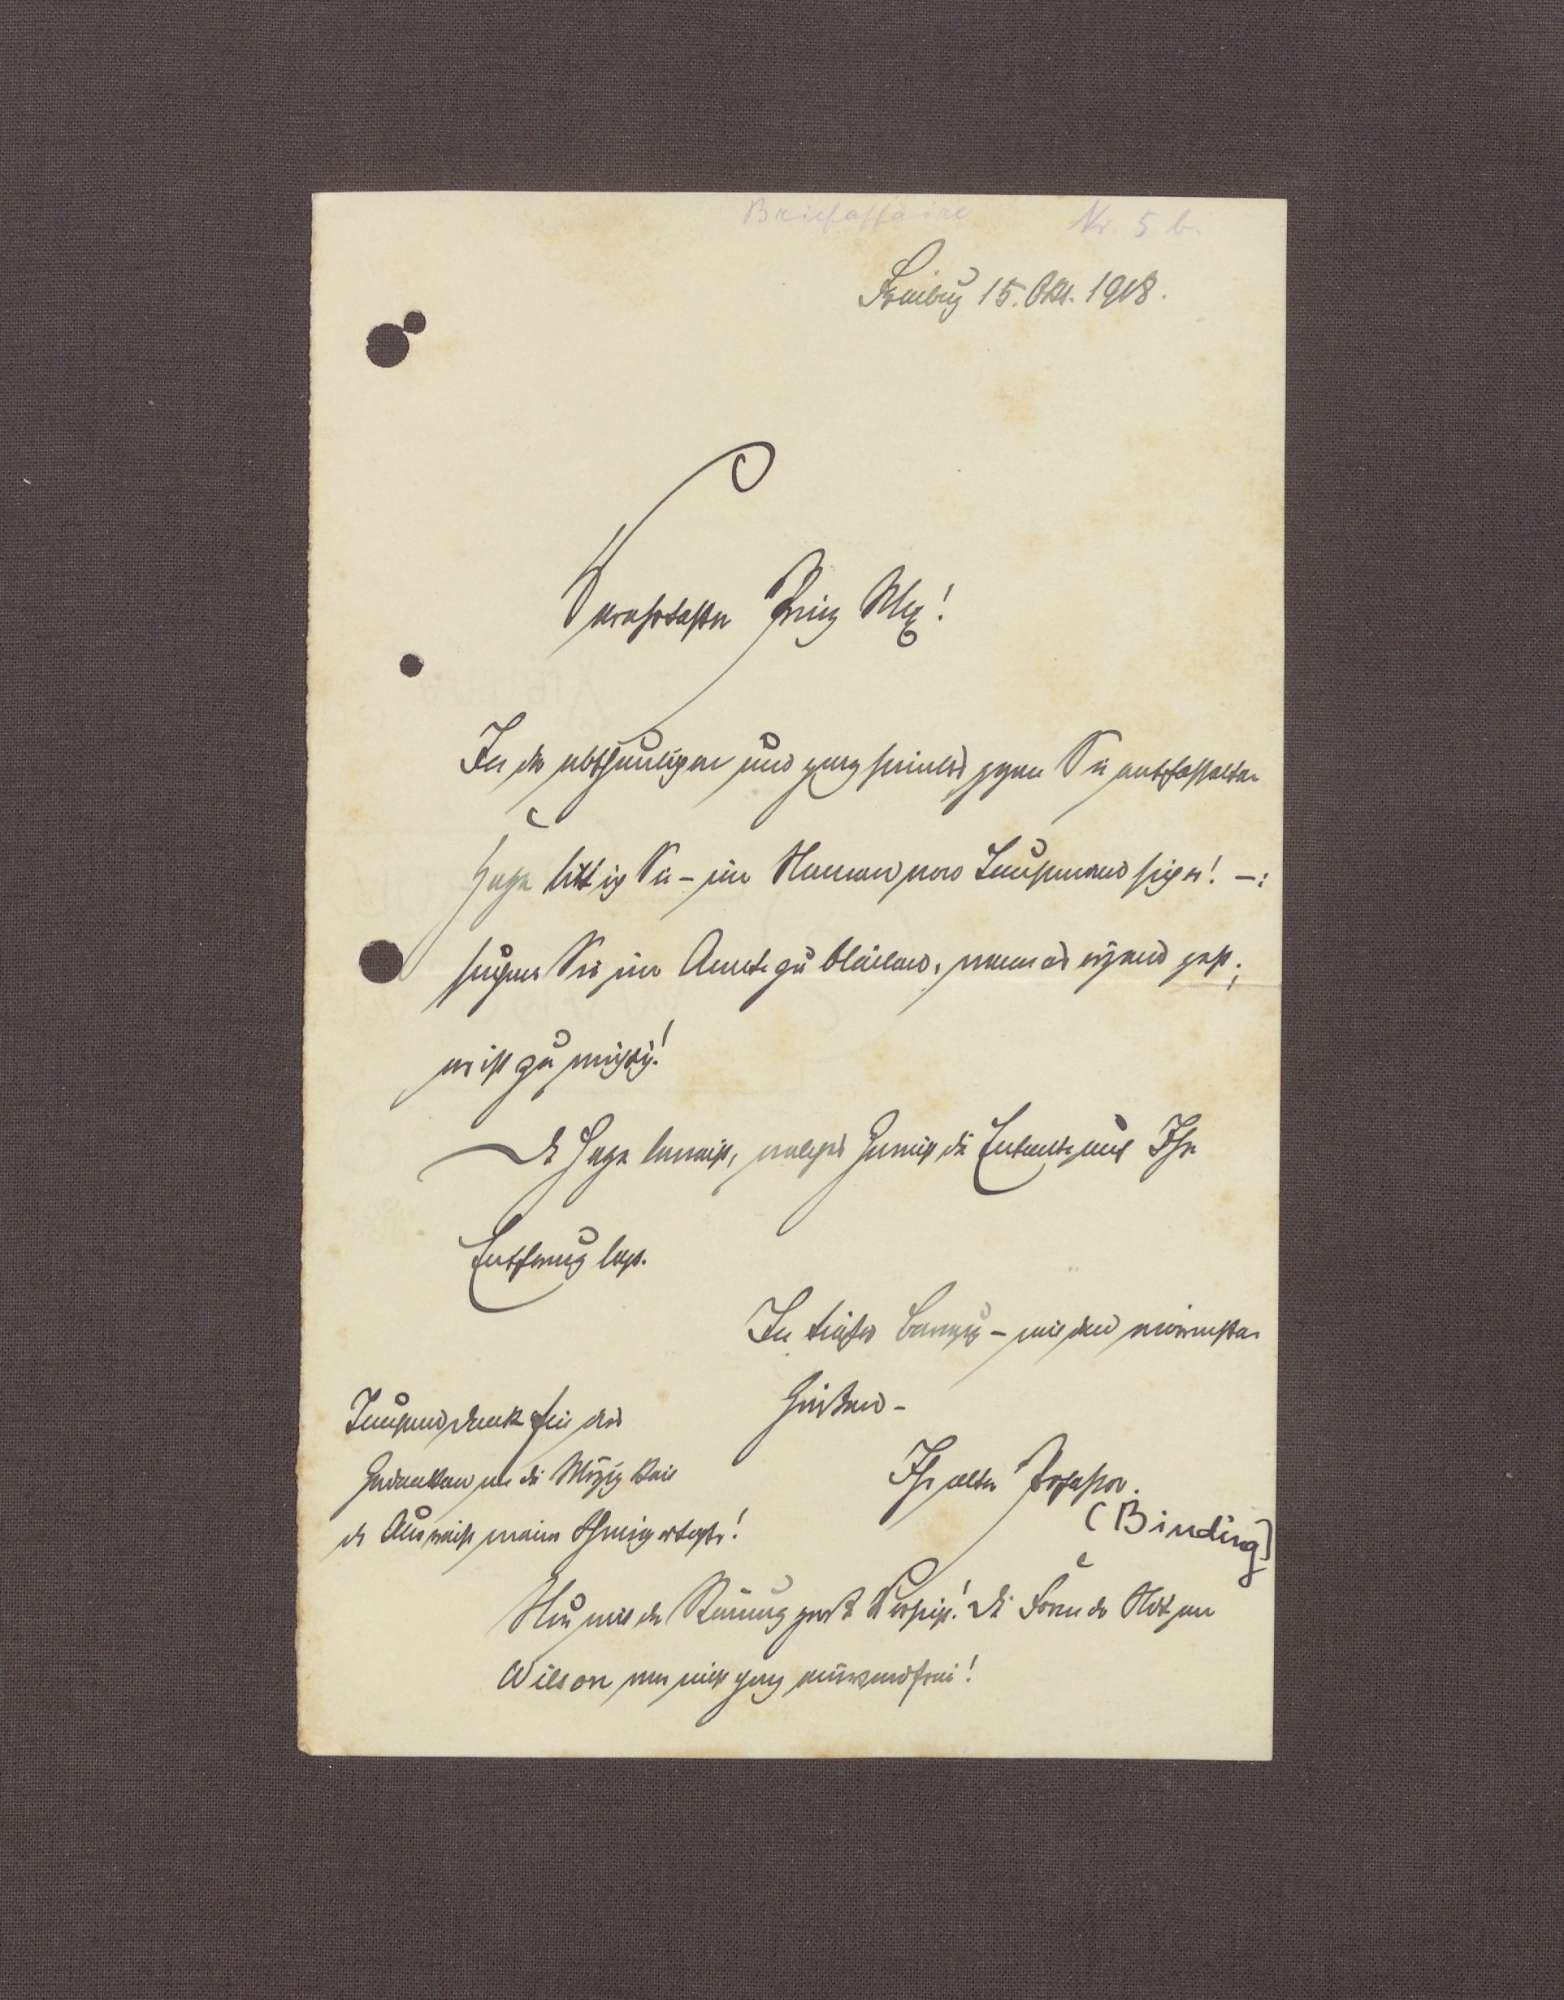 Schreiben von Karl Binding an Max von Baden, Zuspruch in der Hohenlohe-Briefaffäre, Bild 1